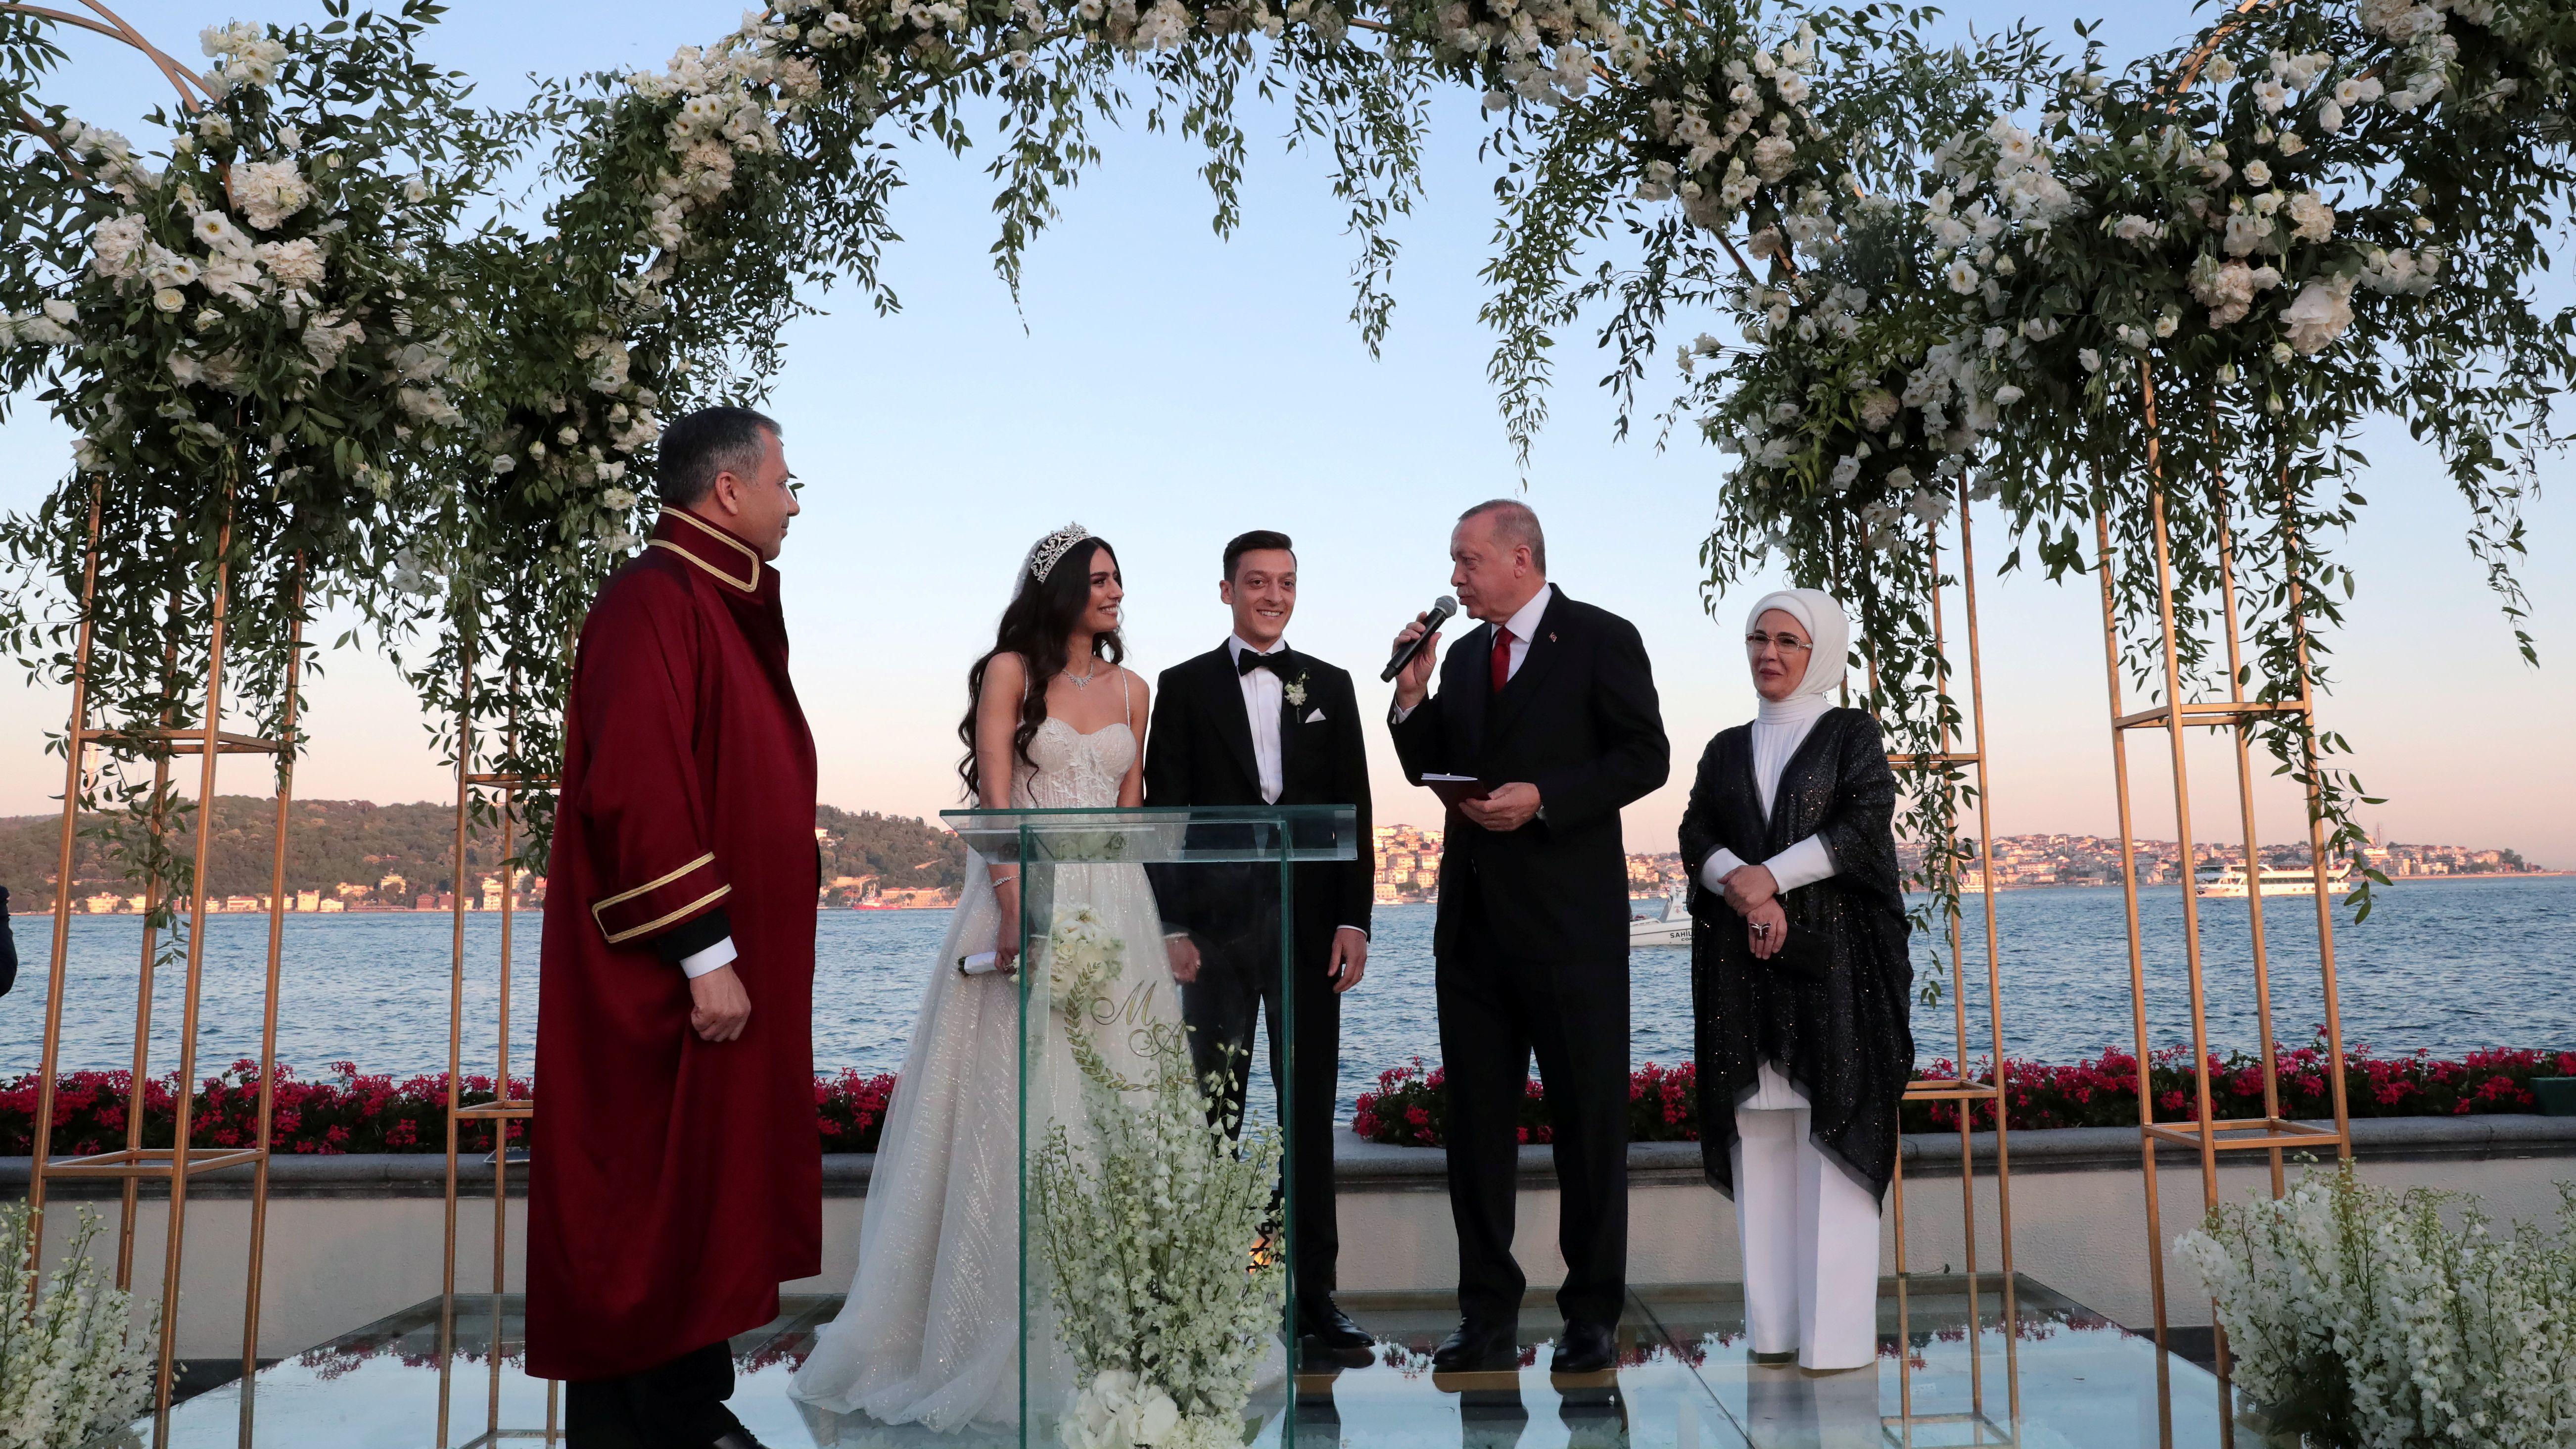 Fußballstar Mesuzt Özil hat in Istanbul seine Verlobte Amine Gülse geheiratet. Der türkische Präsident Erdogan war auch dabei.